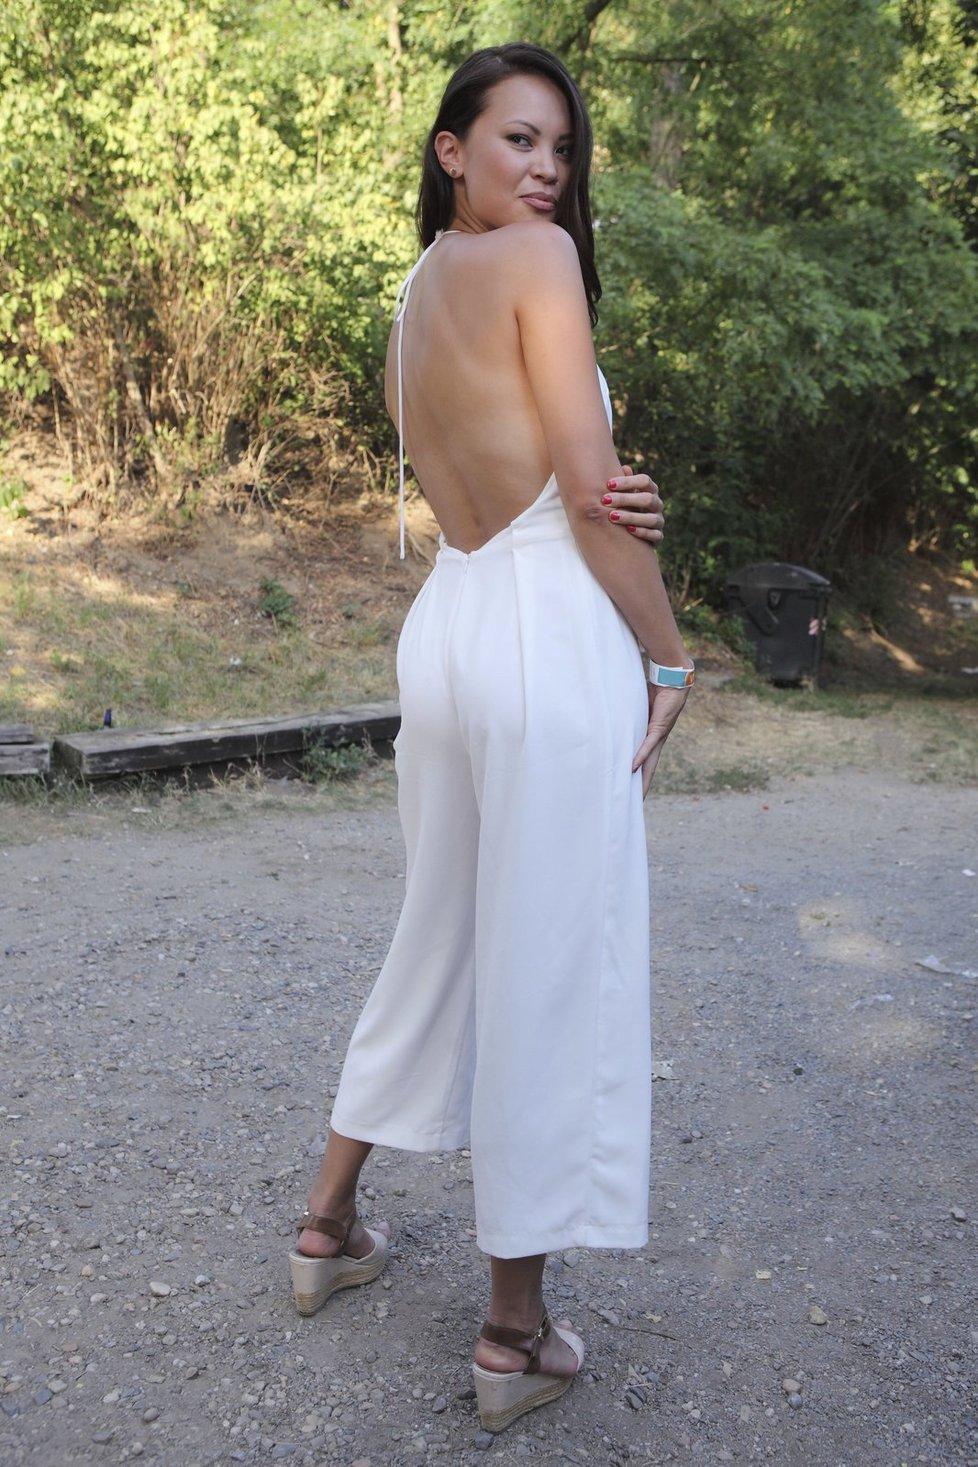 Моника Леова голая. Фото - 21